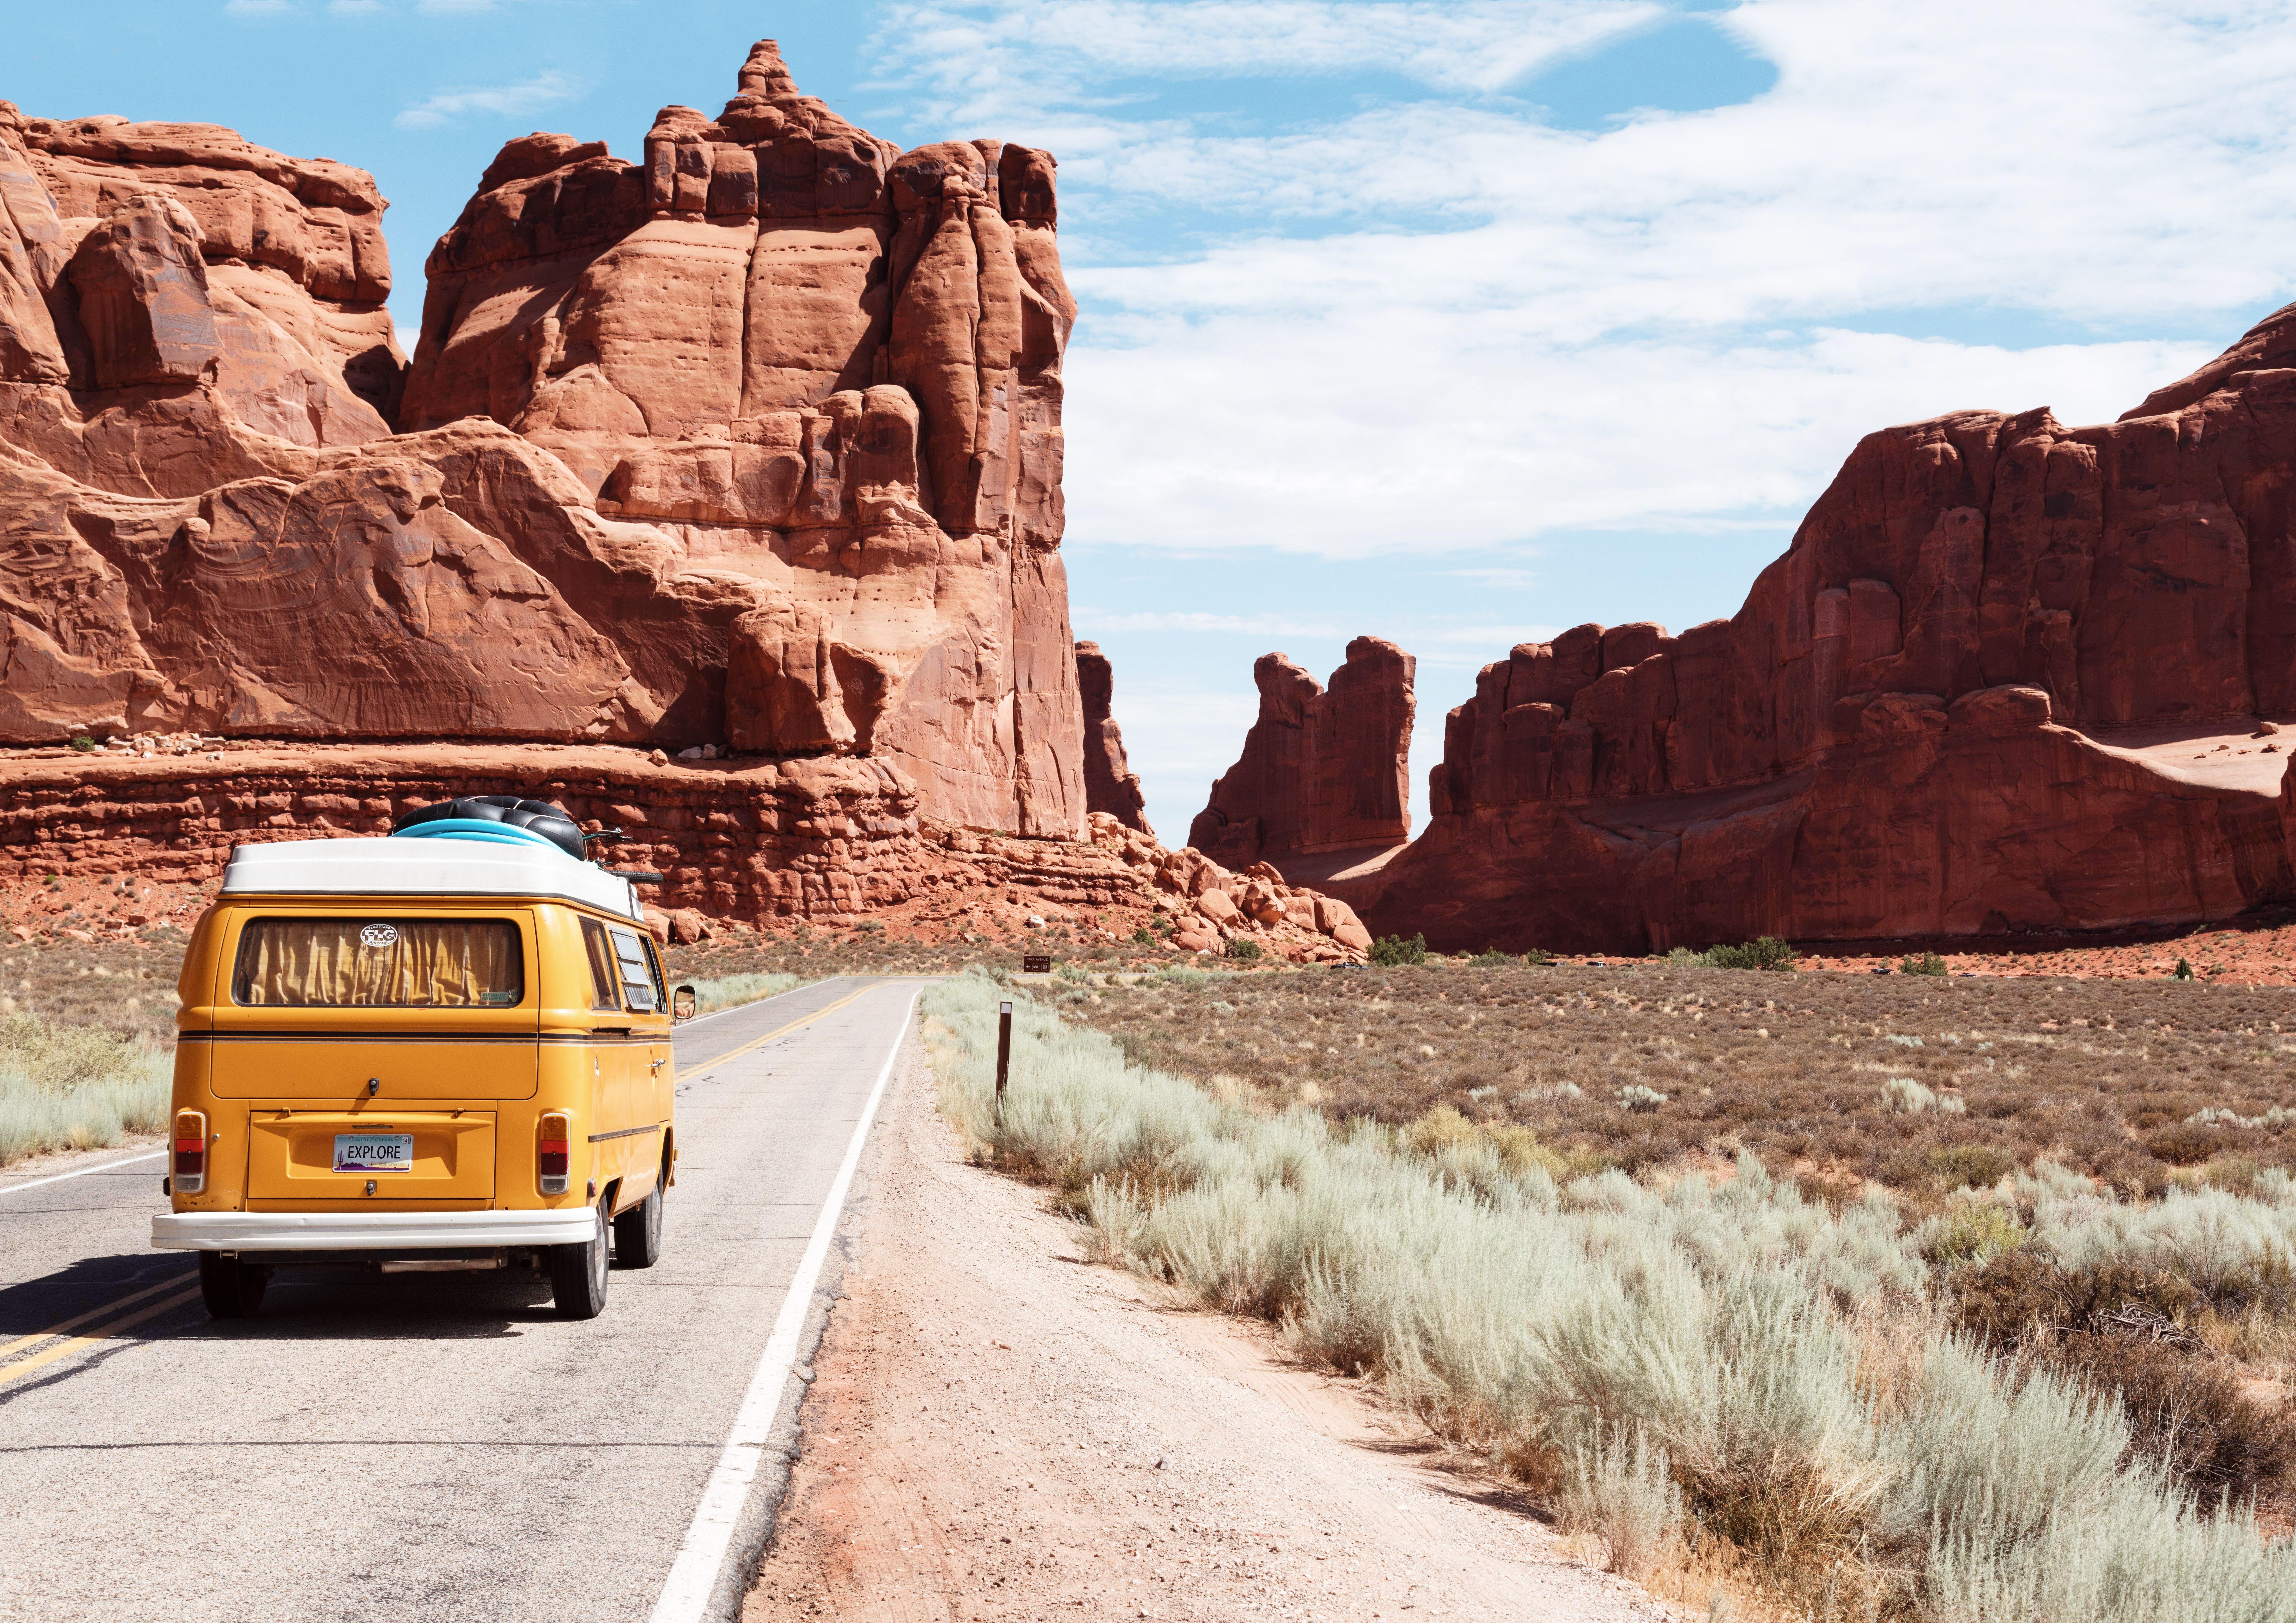 A volkswagen van driving into a desert